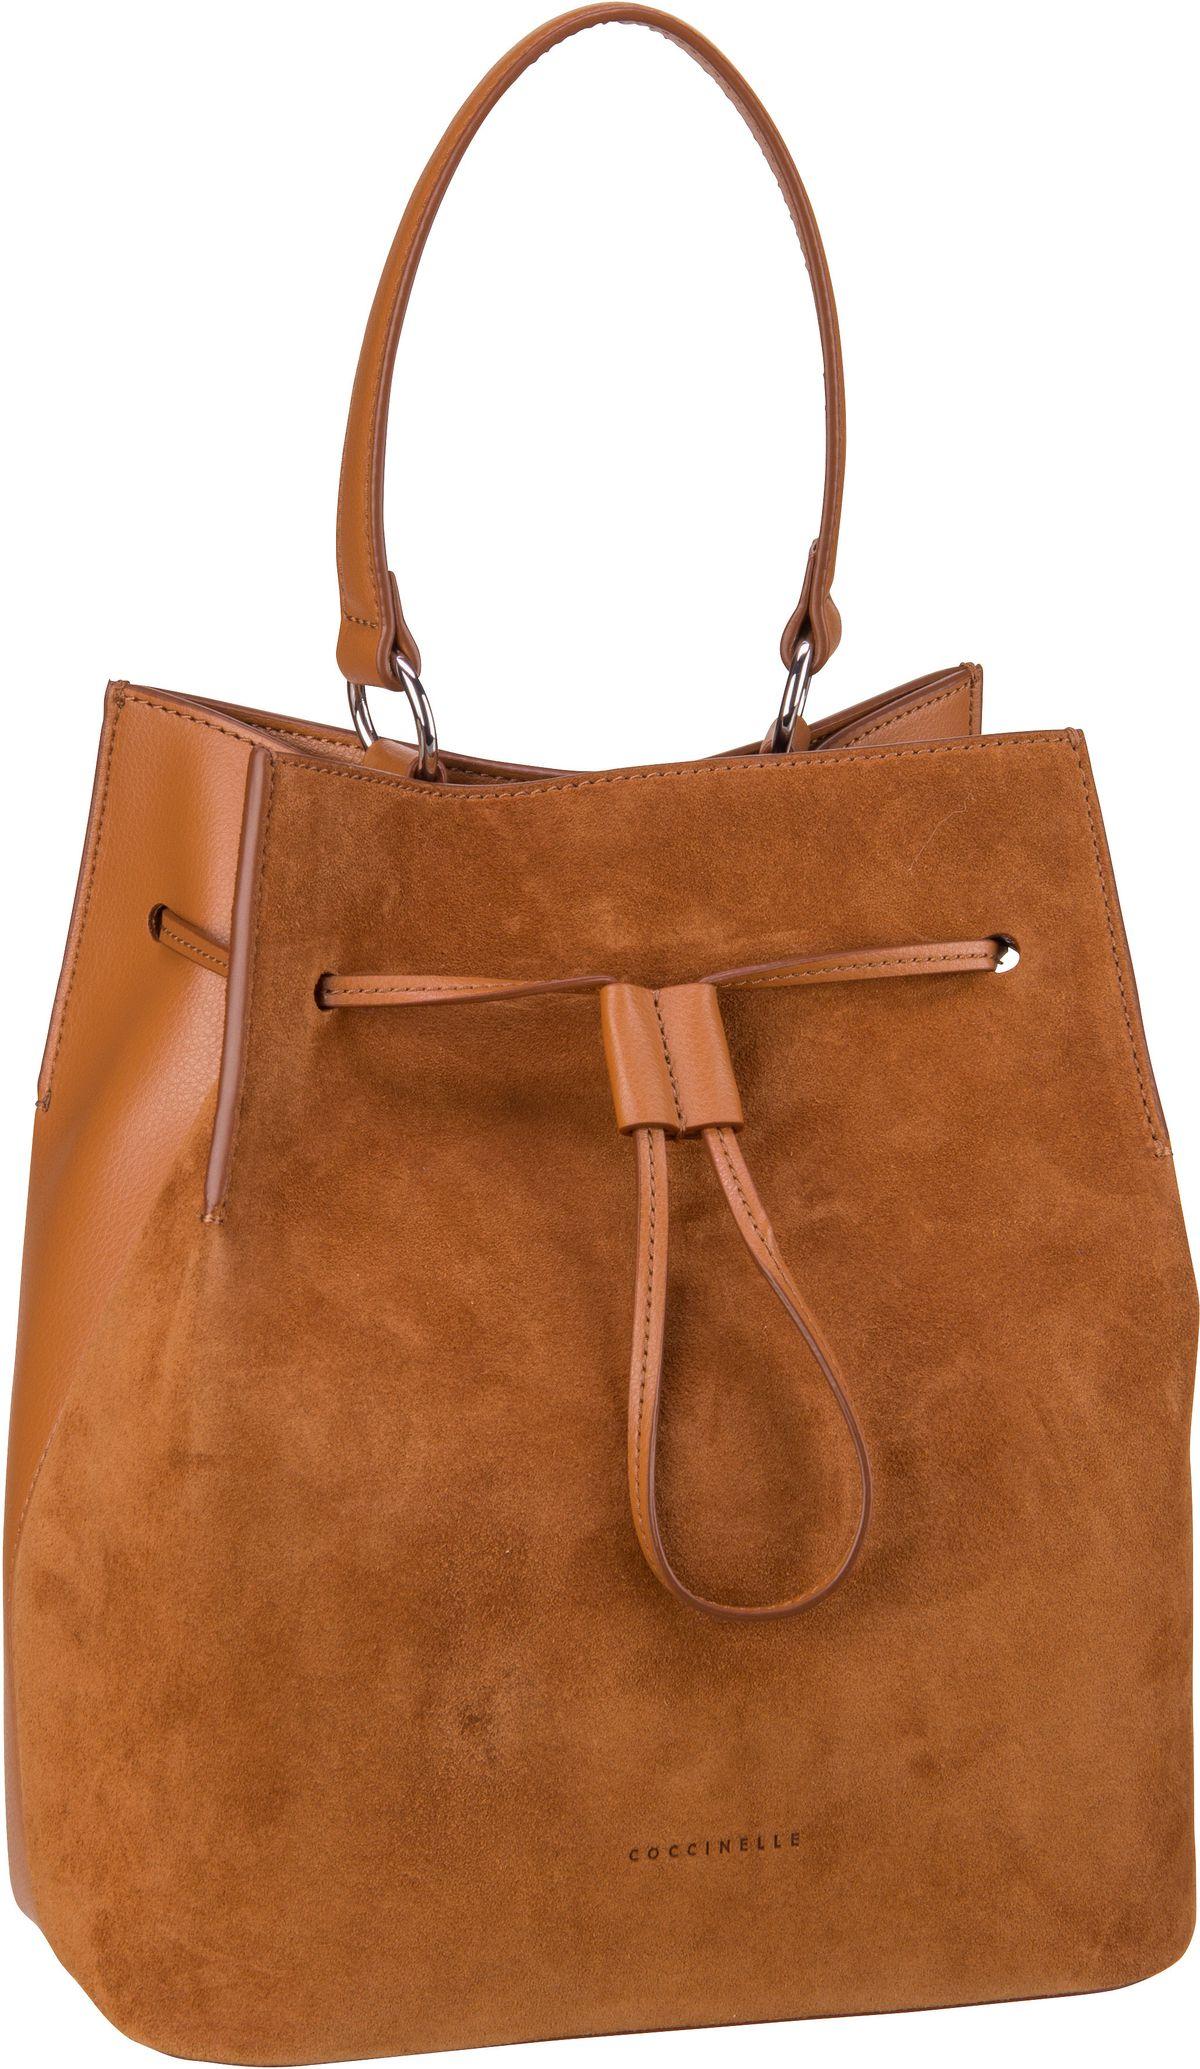 Handtasche Sandy Bimaterial 2301 Caramel